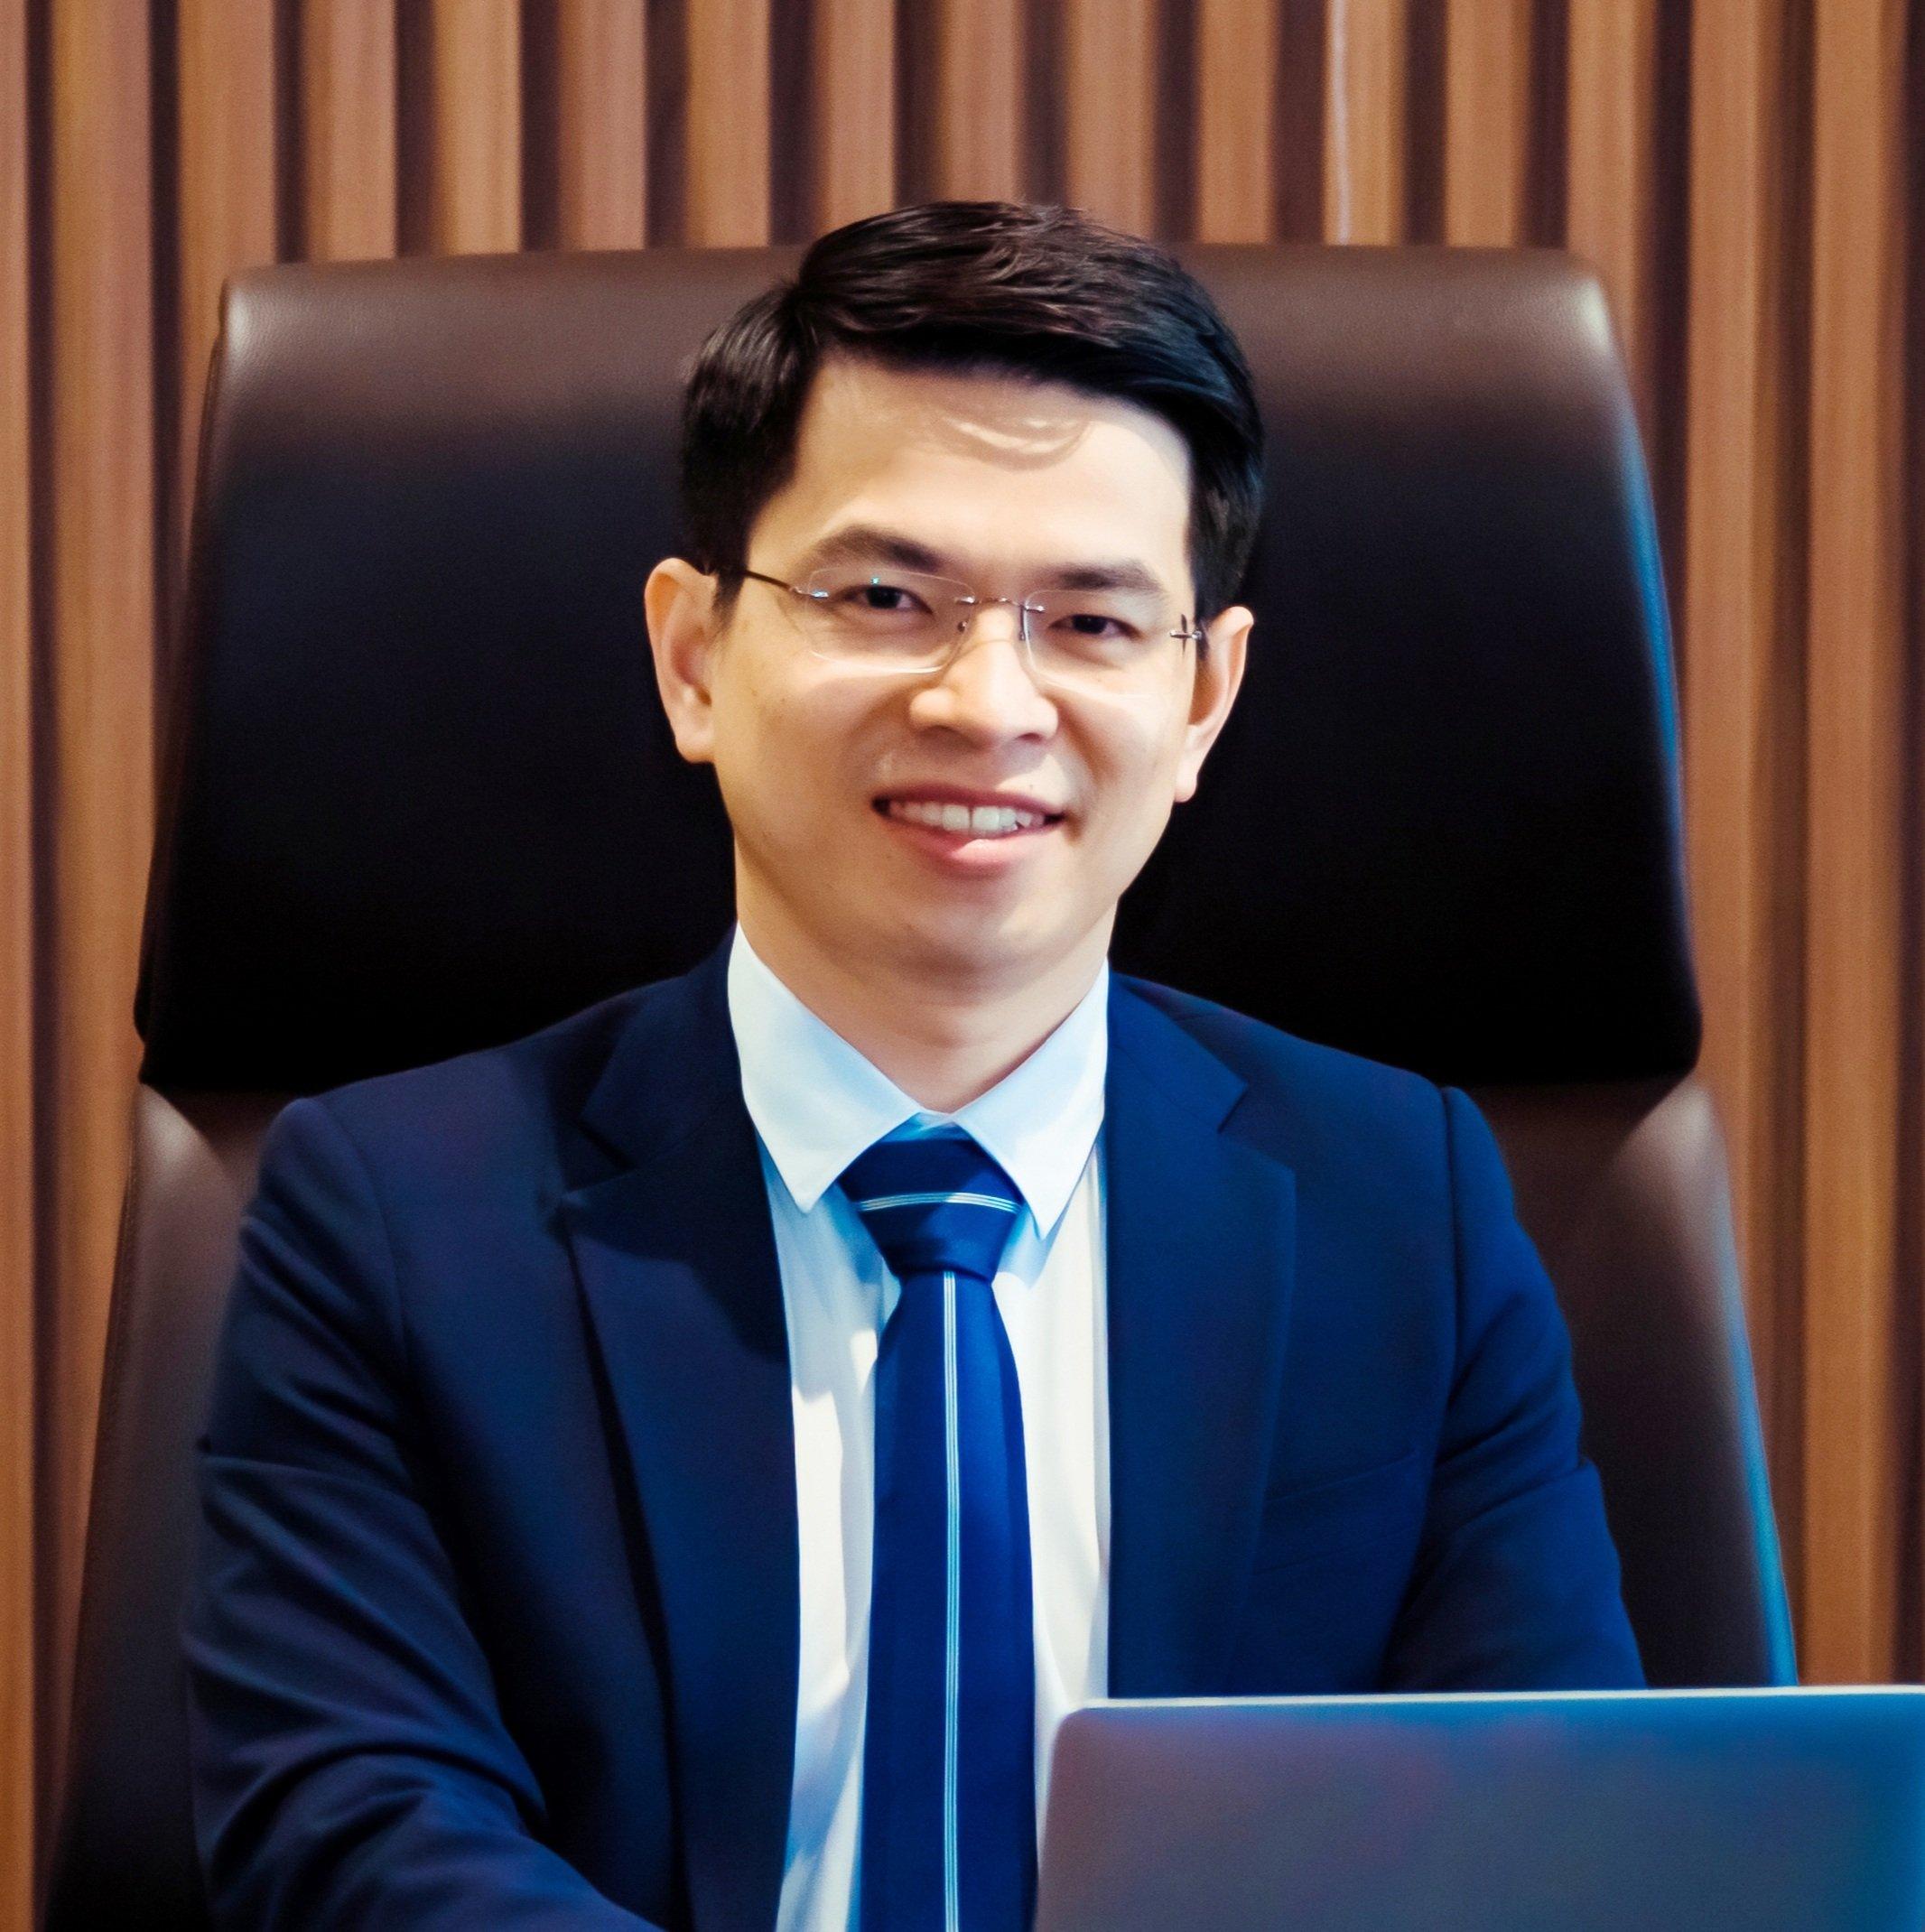 Ông Trần Ngọc Minh. Ảnh ngân hàng cung cấp